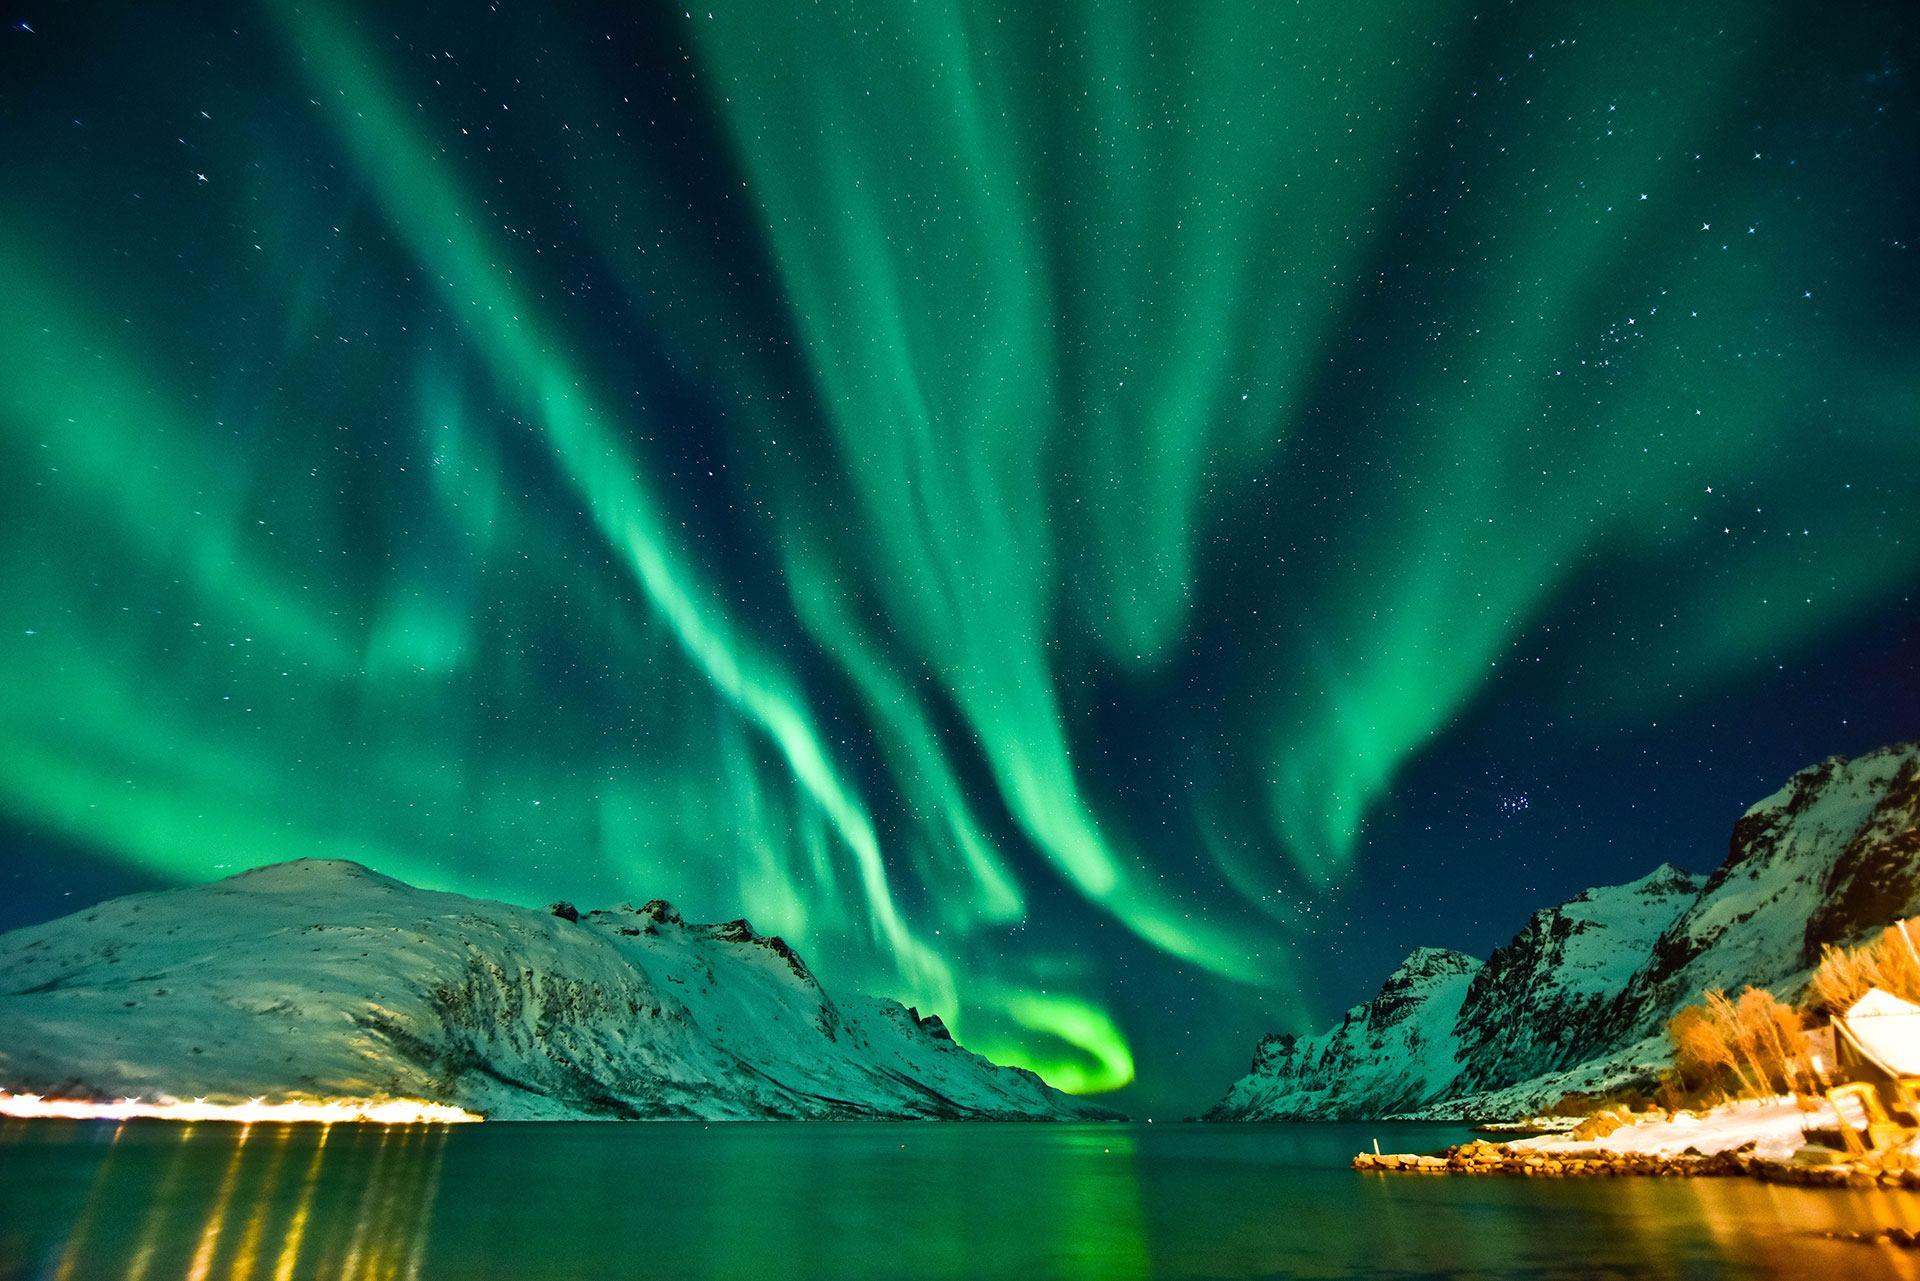 Viaggio in Norvegia alla ricerca dell'aurora boreale